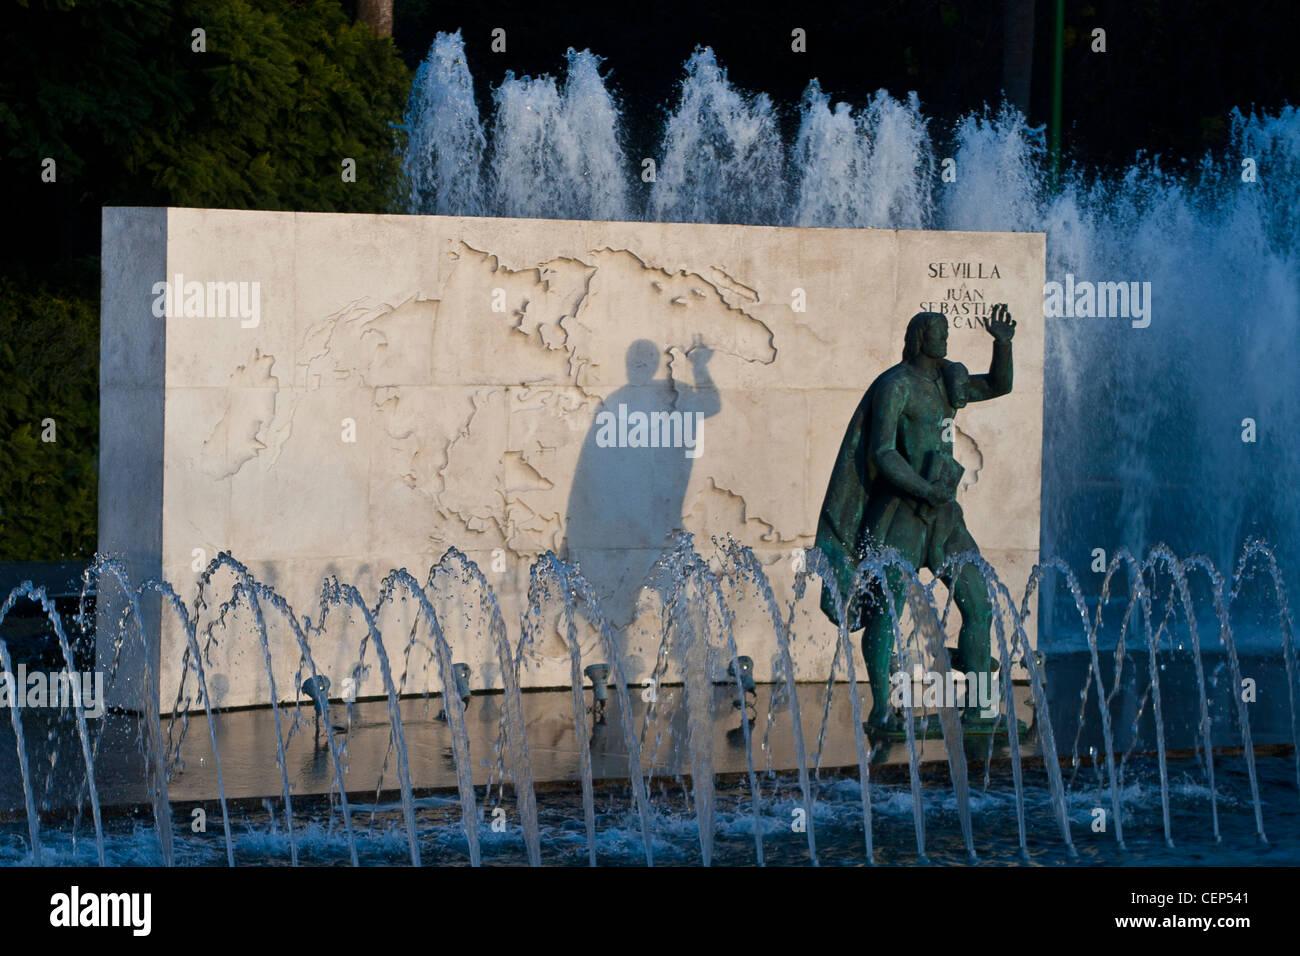 Séville Monument à Juan Sebastian Elcano, explorer, tour du monde avec Magellan Banque D'Images